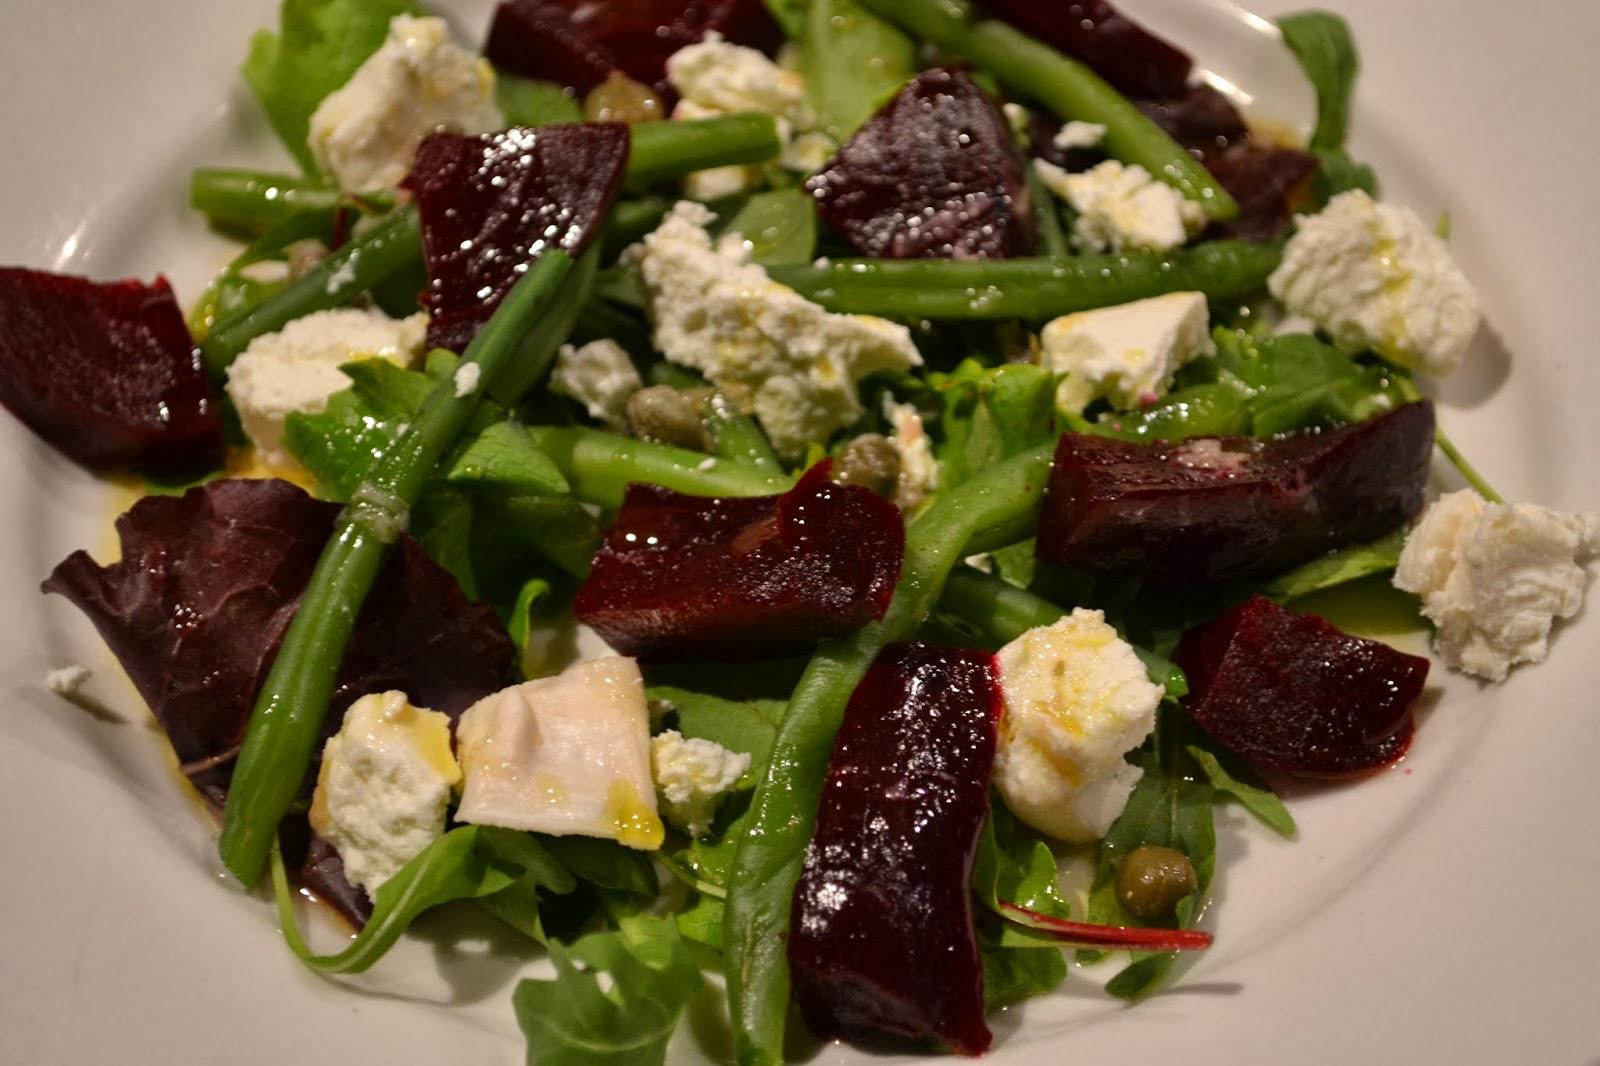 New Eet lekker: Salade van rode biet, geitenkaas en boontjes #WF18